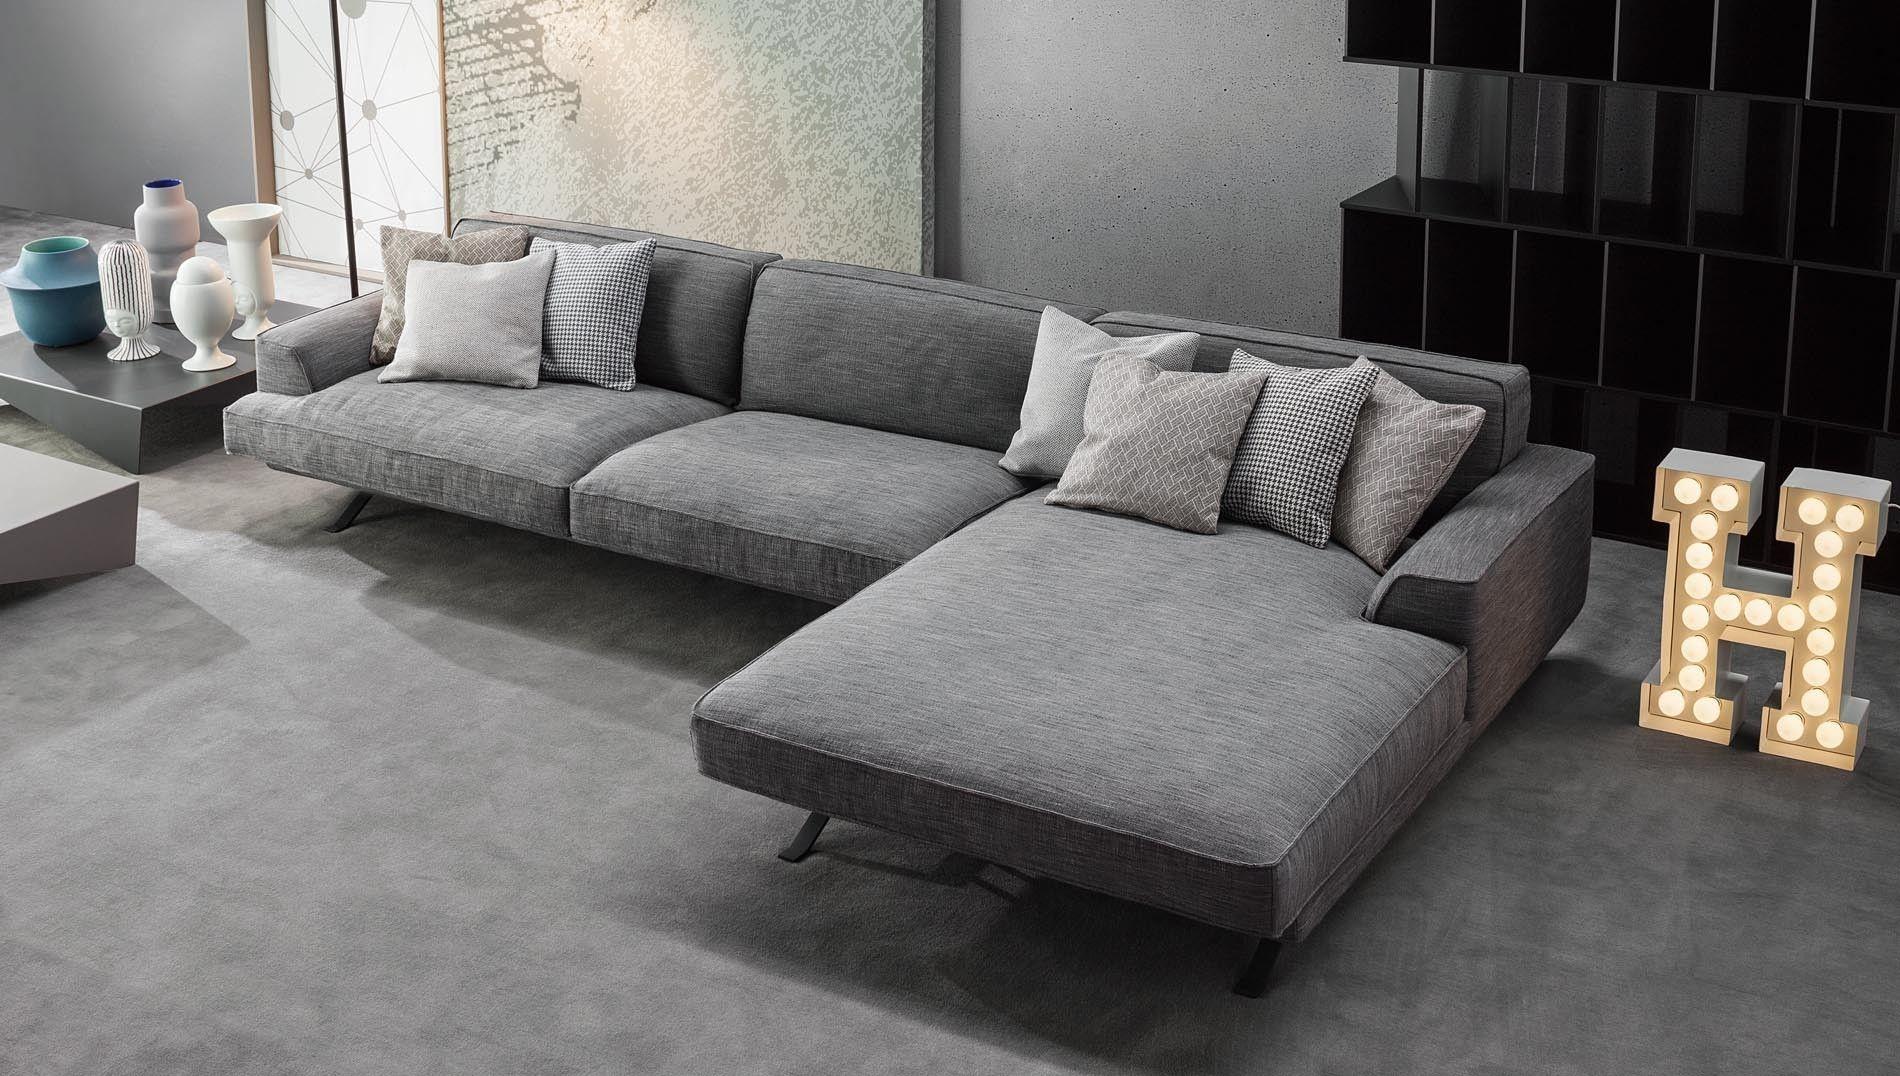 Bonaldo Slab Corner Sofa Buy Online At Luxdeco Sofa Design Contemporary Sofa Large Sofa